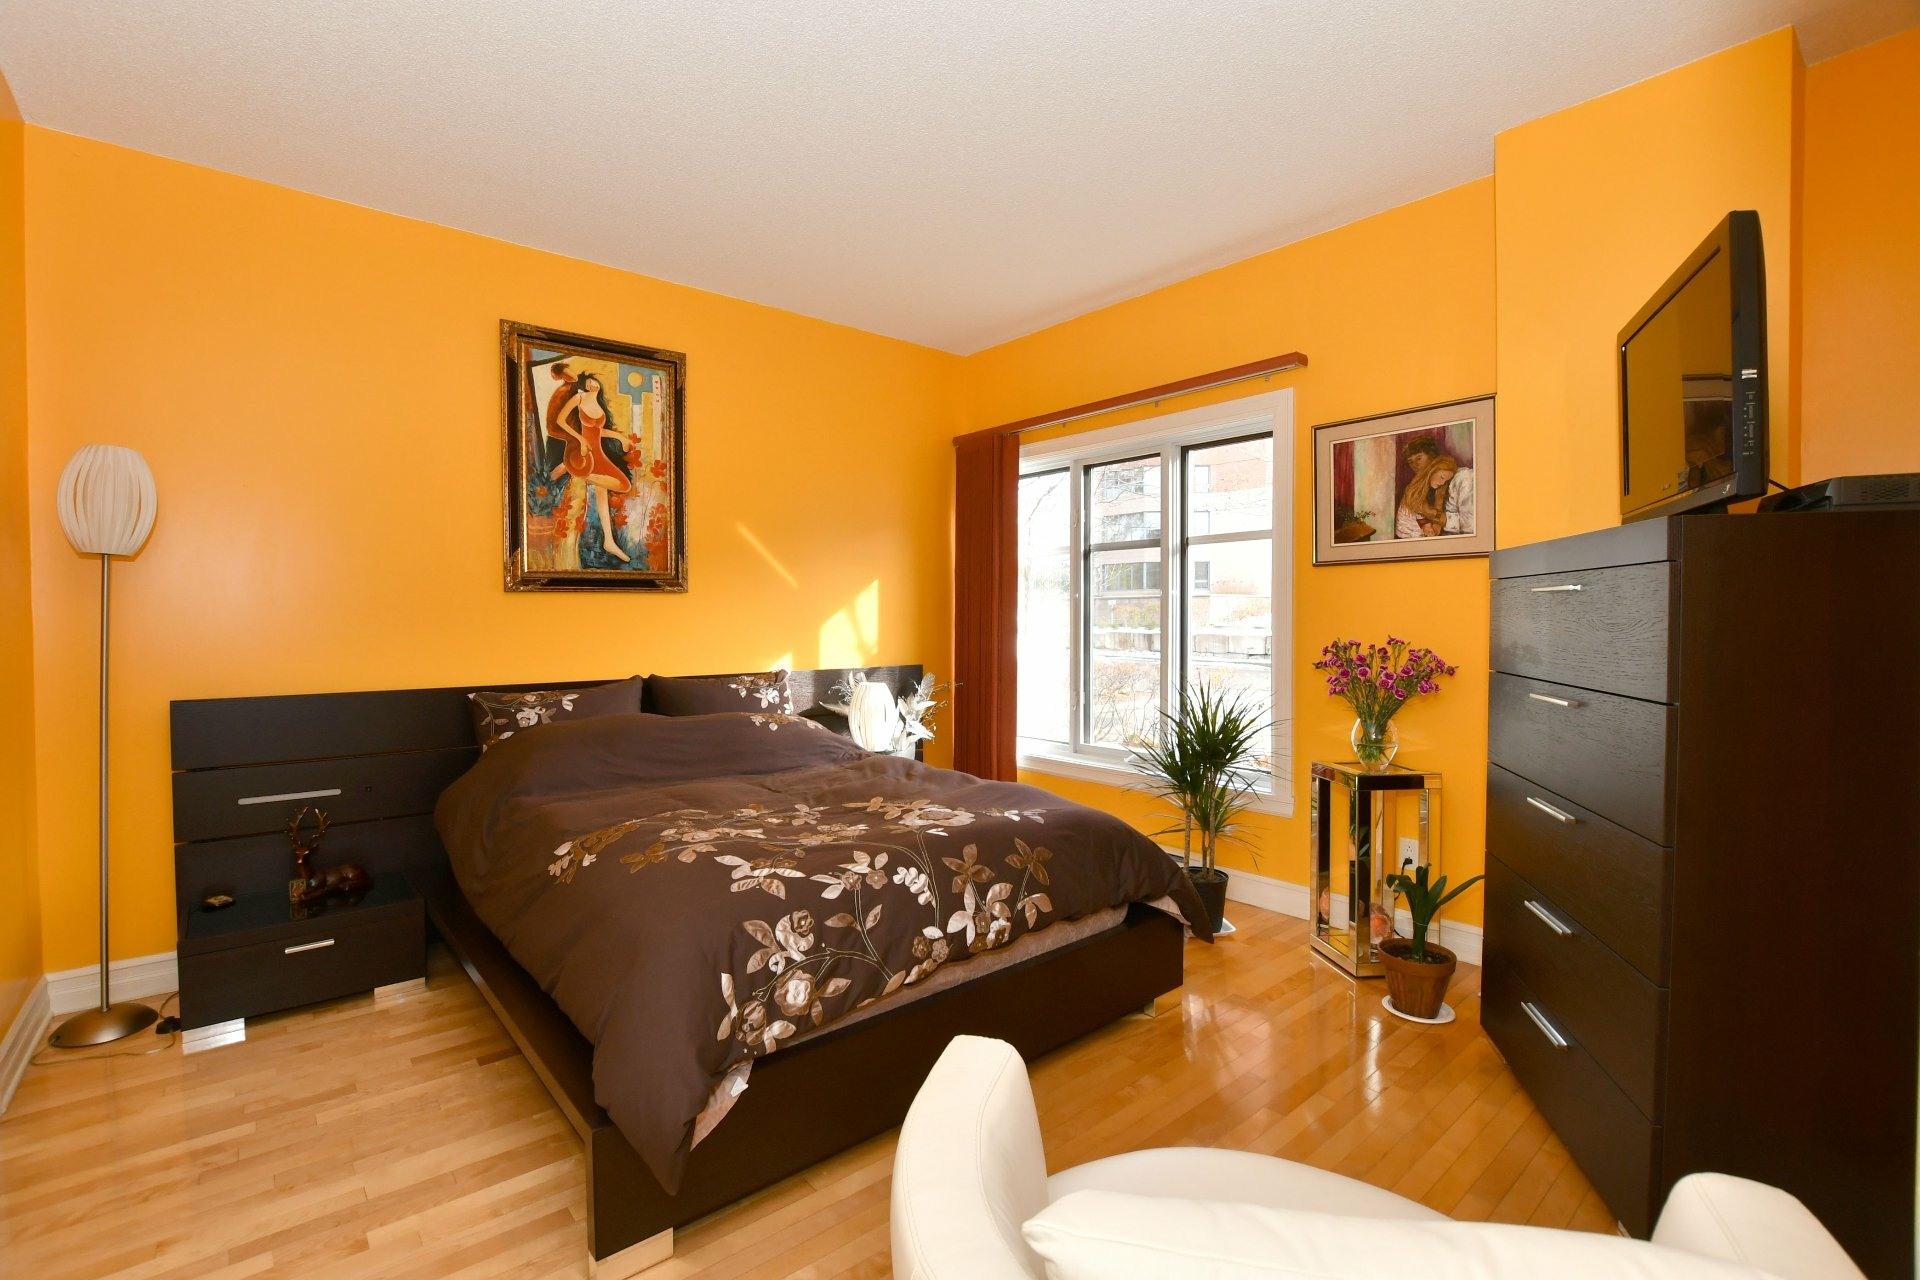 image 8 - Apartment For sale Saint-Laurent Montréal  - 5 rooms